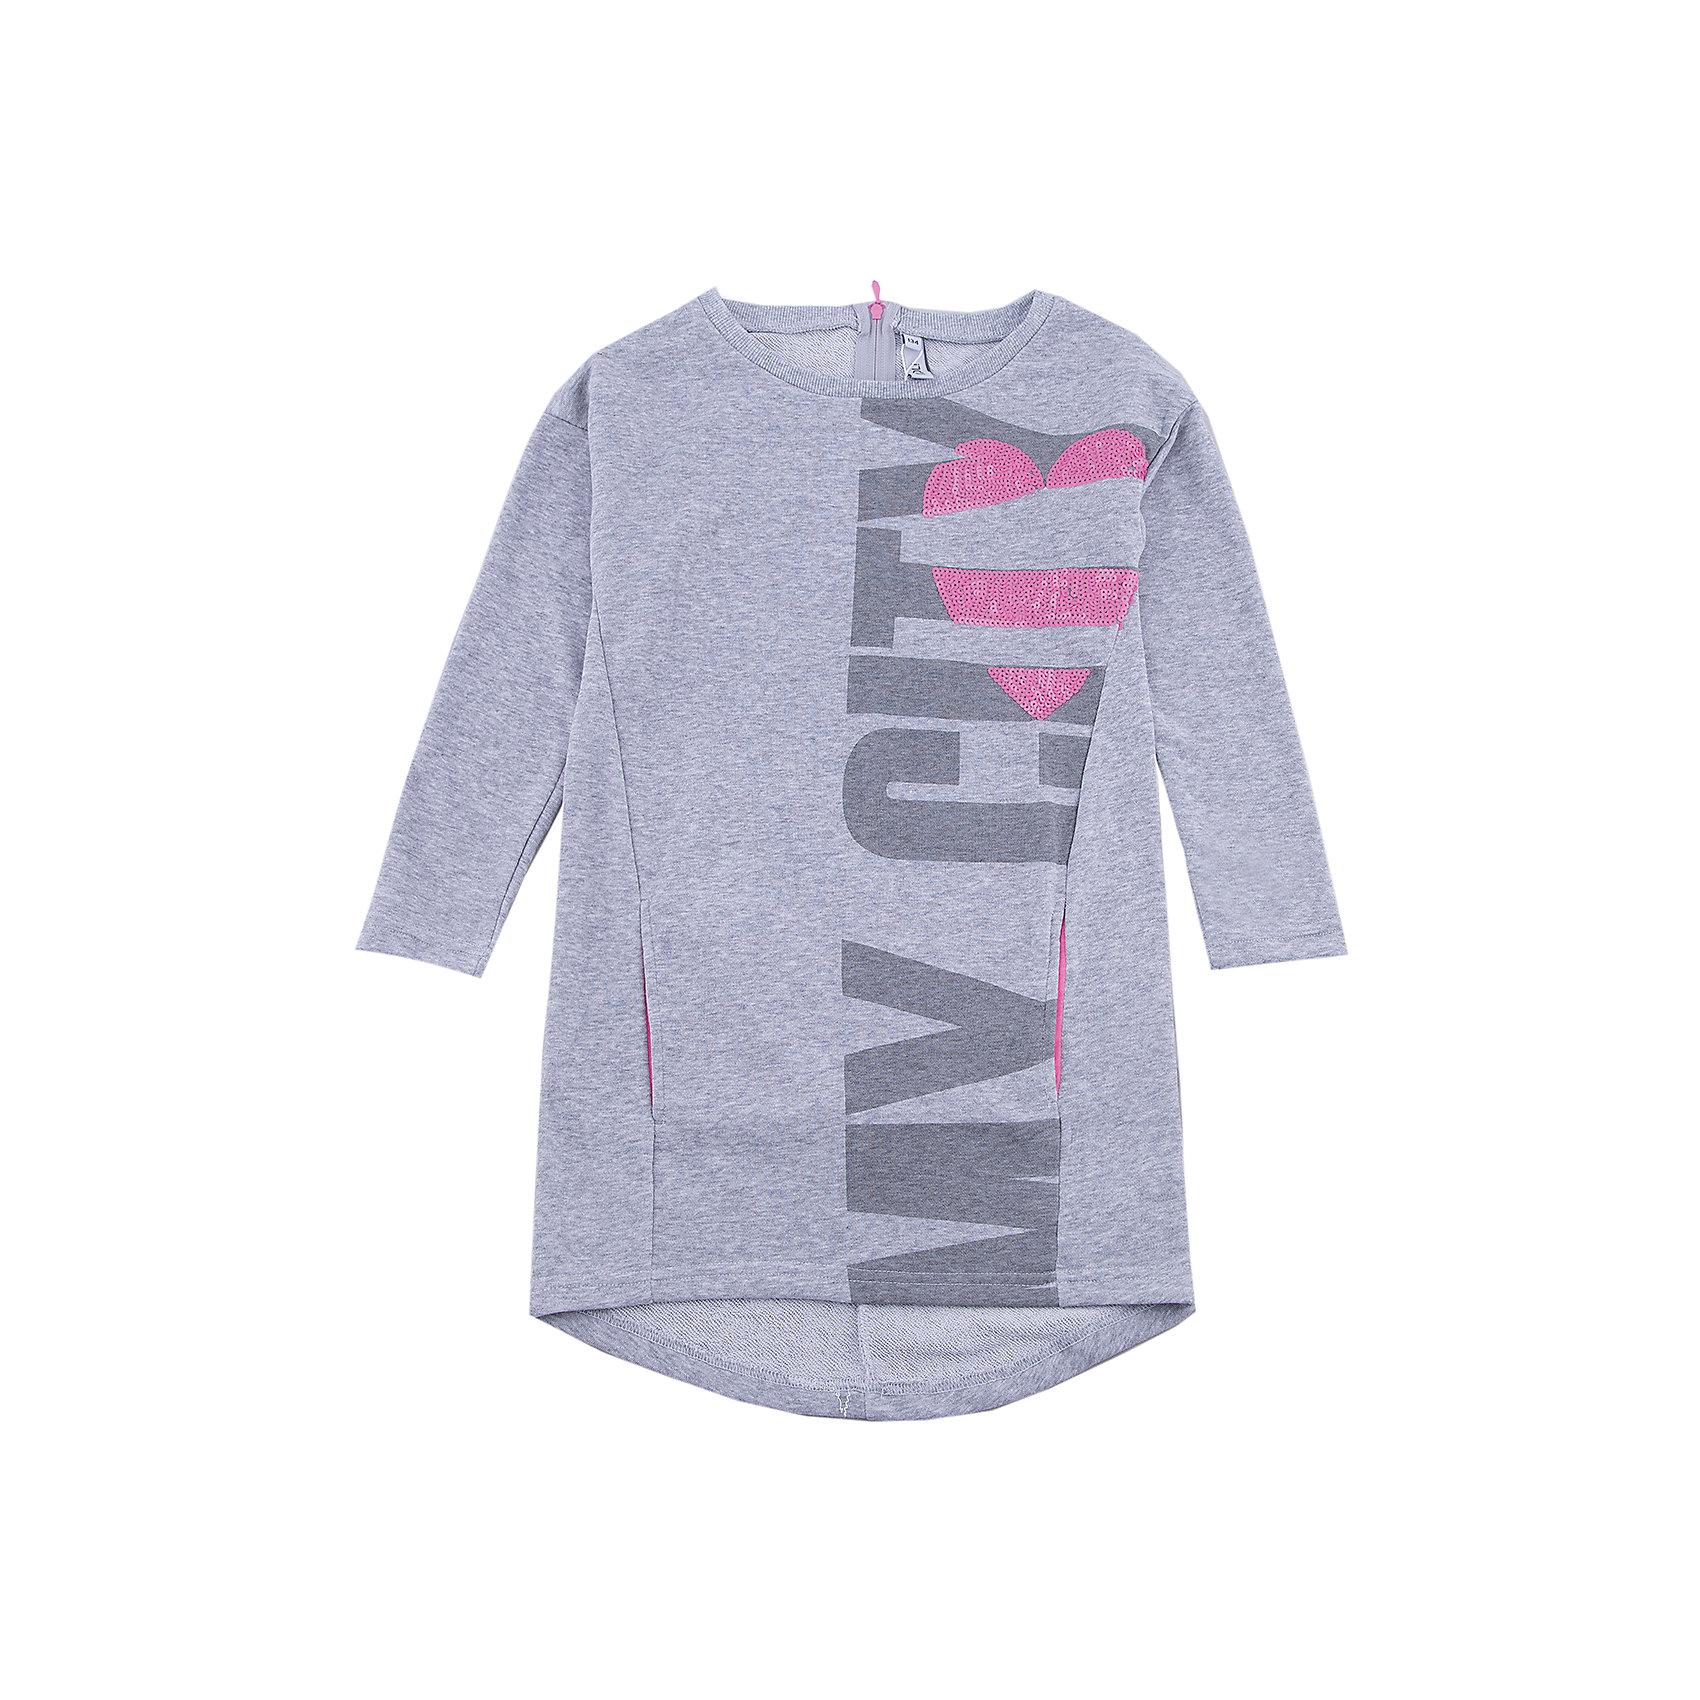 Платье Scool для девочкиПлатья и сарафаны<br>Характеристики товара:<br><br>• цвет: серый;<br>• состав: 80% хлопок, 17% полиэстер, 3% эластан;<br>• сезон: демисезон;<br>• особенности: с надписью;<br>• застежка: молния на спинке;<br>• свободный крой;<br>• платье с длинным рукавом;<br>• два боковых кармана;<br>• декорировано пайетками;<br>• коллекция: городские огни;<br>• страна бренда: Германия;<br>• страна изготовитель: Китай.<br><br>Платье Scool для девочки. Эффектное платье из плотного трикотажа дополнит гардероб ребенка. Модель на спинке застегивается на молнию. В качестве декора использован принт и аппликация из пайеток. Платье дополнено вшивными карманами. Свободный крой не сковывает движений. Натуральный материал не вызывает раздражений.<br><br>Платье Scool для девочки (Скул) можно купить в нашем интернет-магазине.<br><br>Ширина мм: 236<br>Глубина мм: 16<br>Высота мм: 184<br>Вес г: 177<br>Цвет: белый<br>Возраст от месяцев: 96<br>Возраст до месяцев: 108<br>Пол: Женский<br>Возраст: Детский<br>Размер: 134,164,158,152,146,140<br>SKU: 7105387